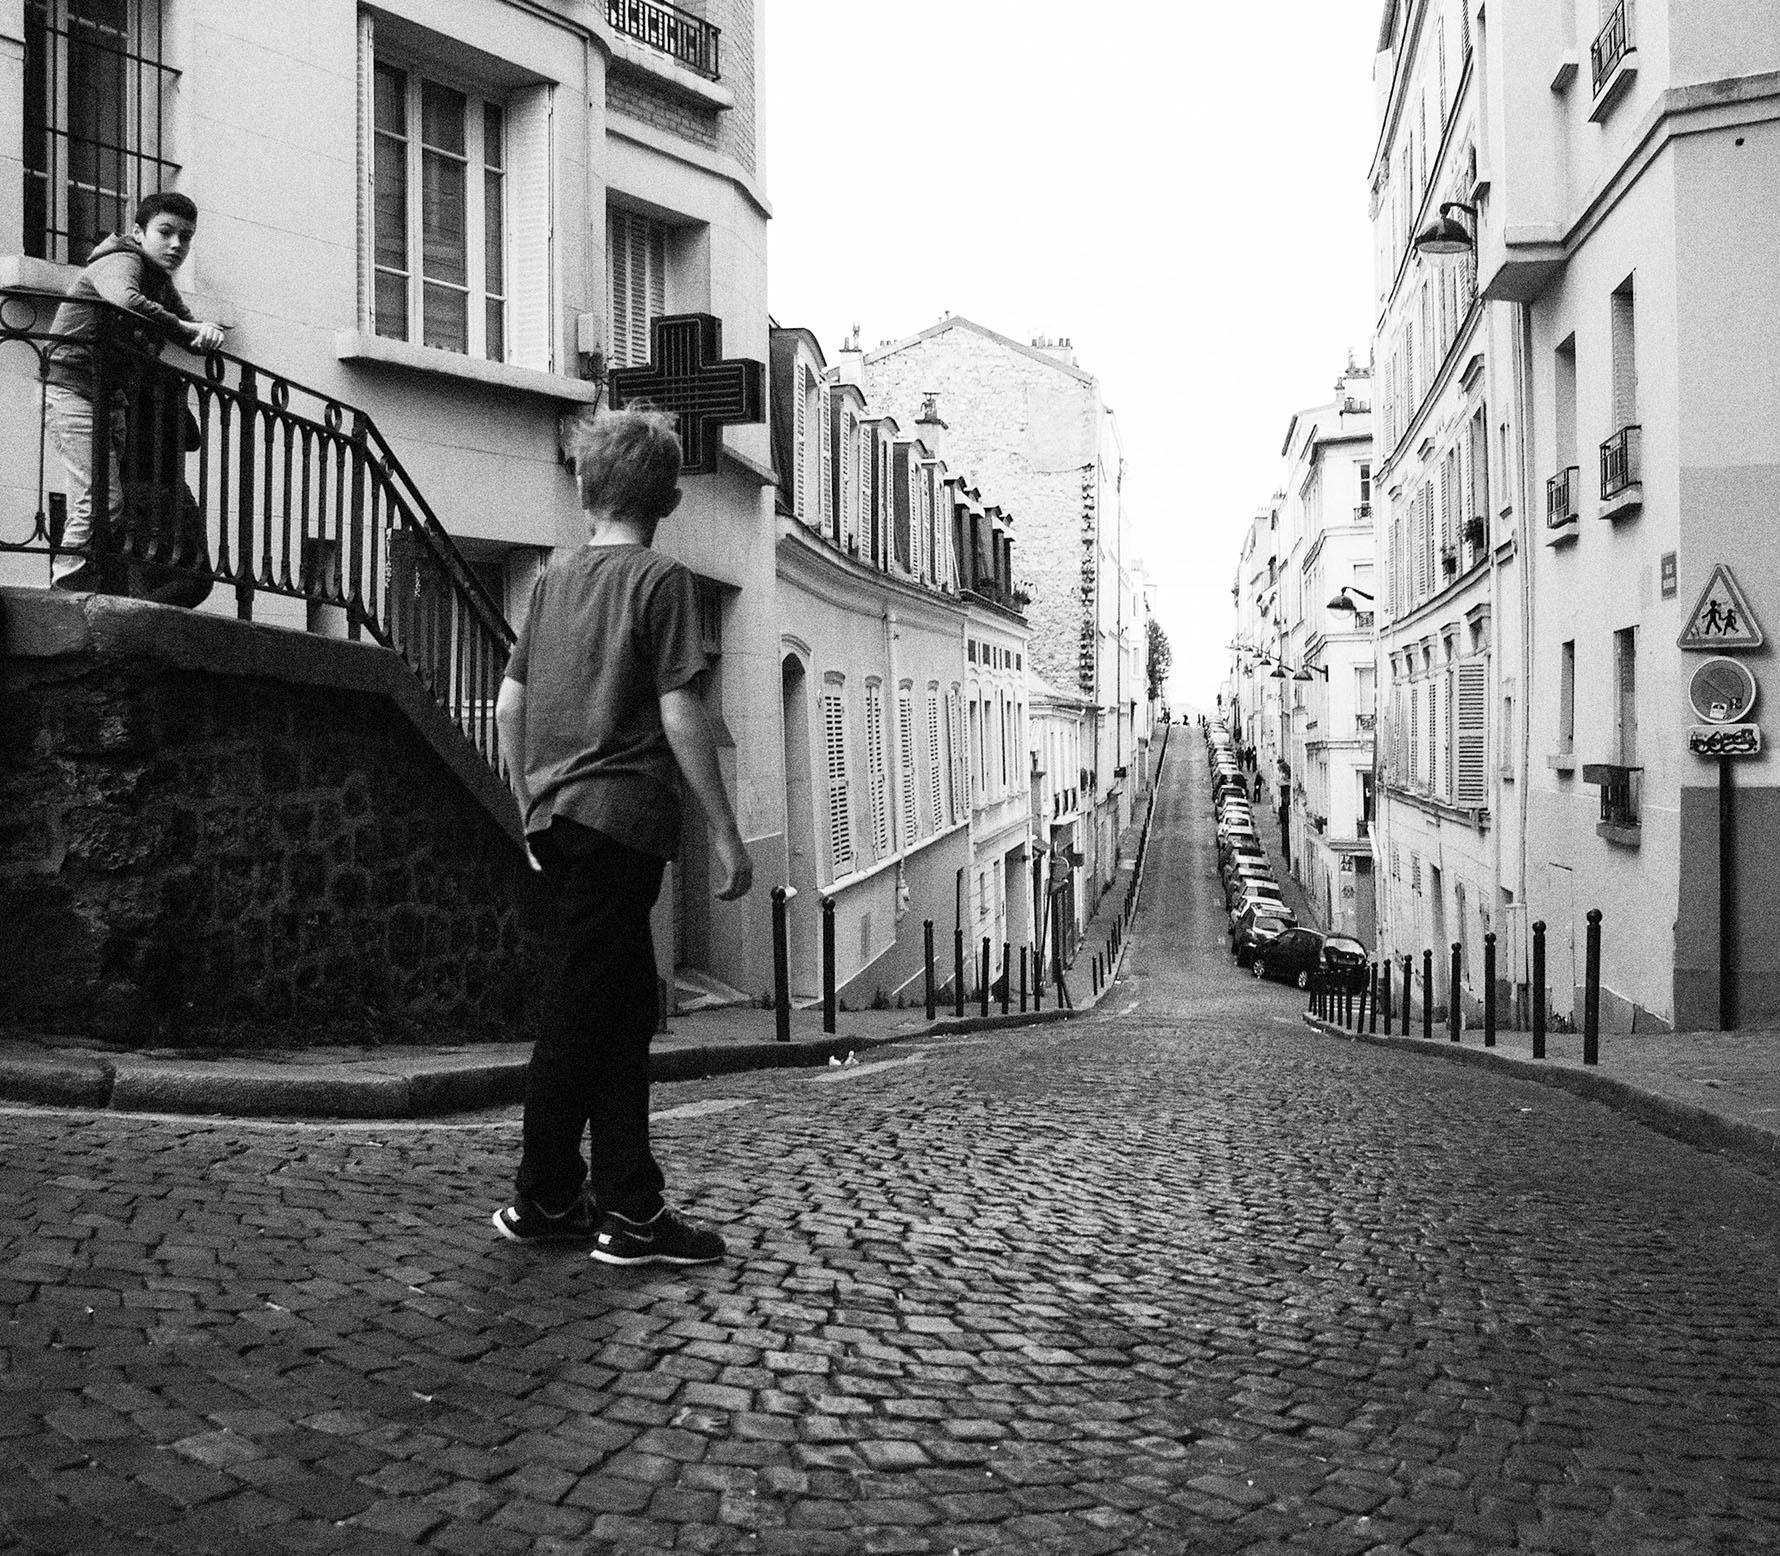 Merethe WesselBerg _ Series Paris _ Paris 3.jpg.jpg